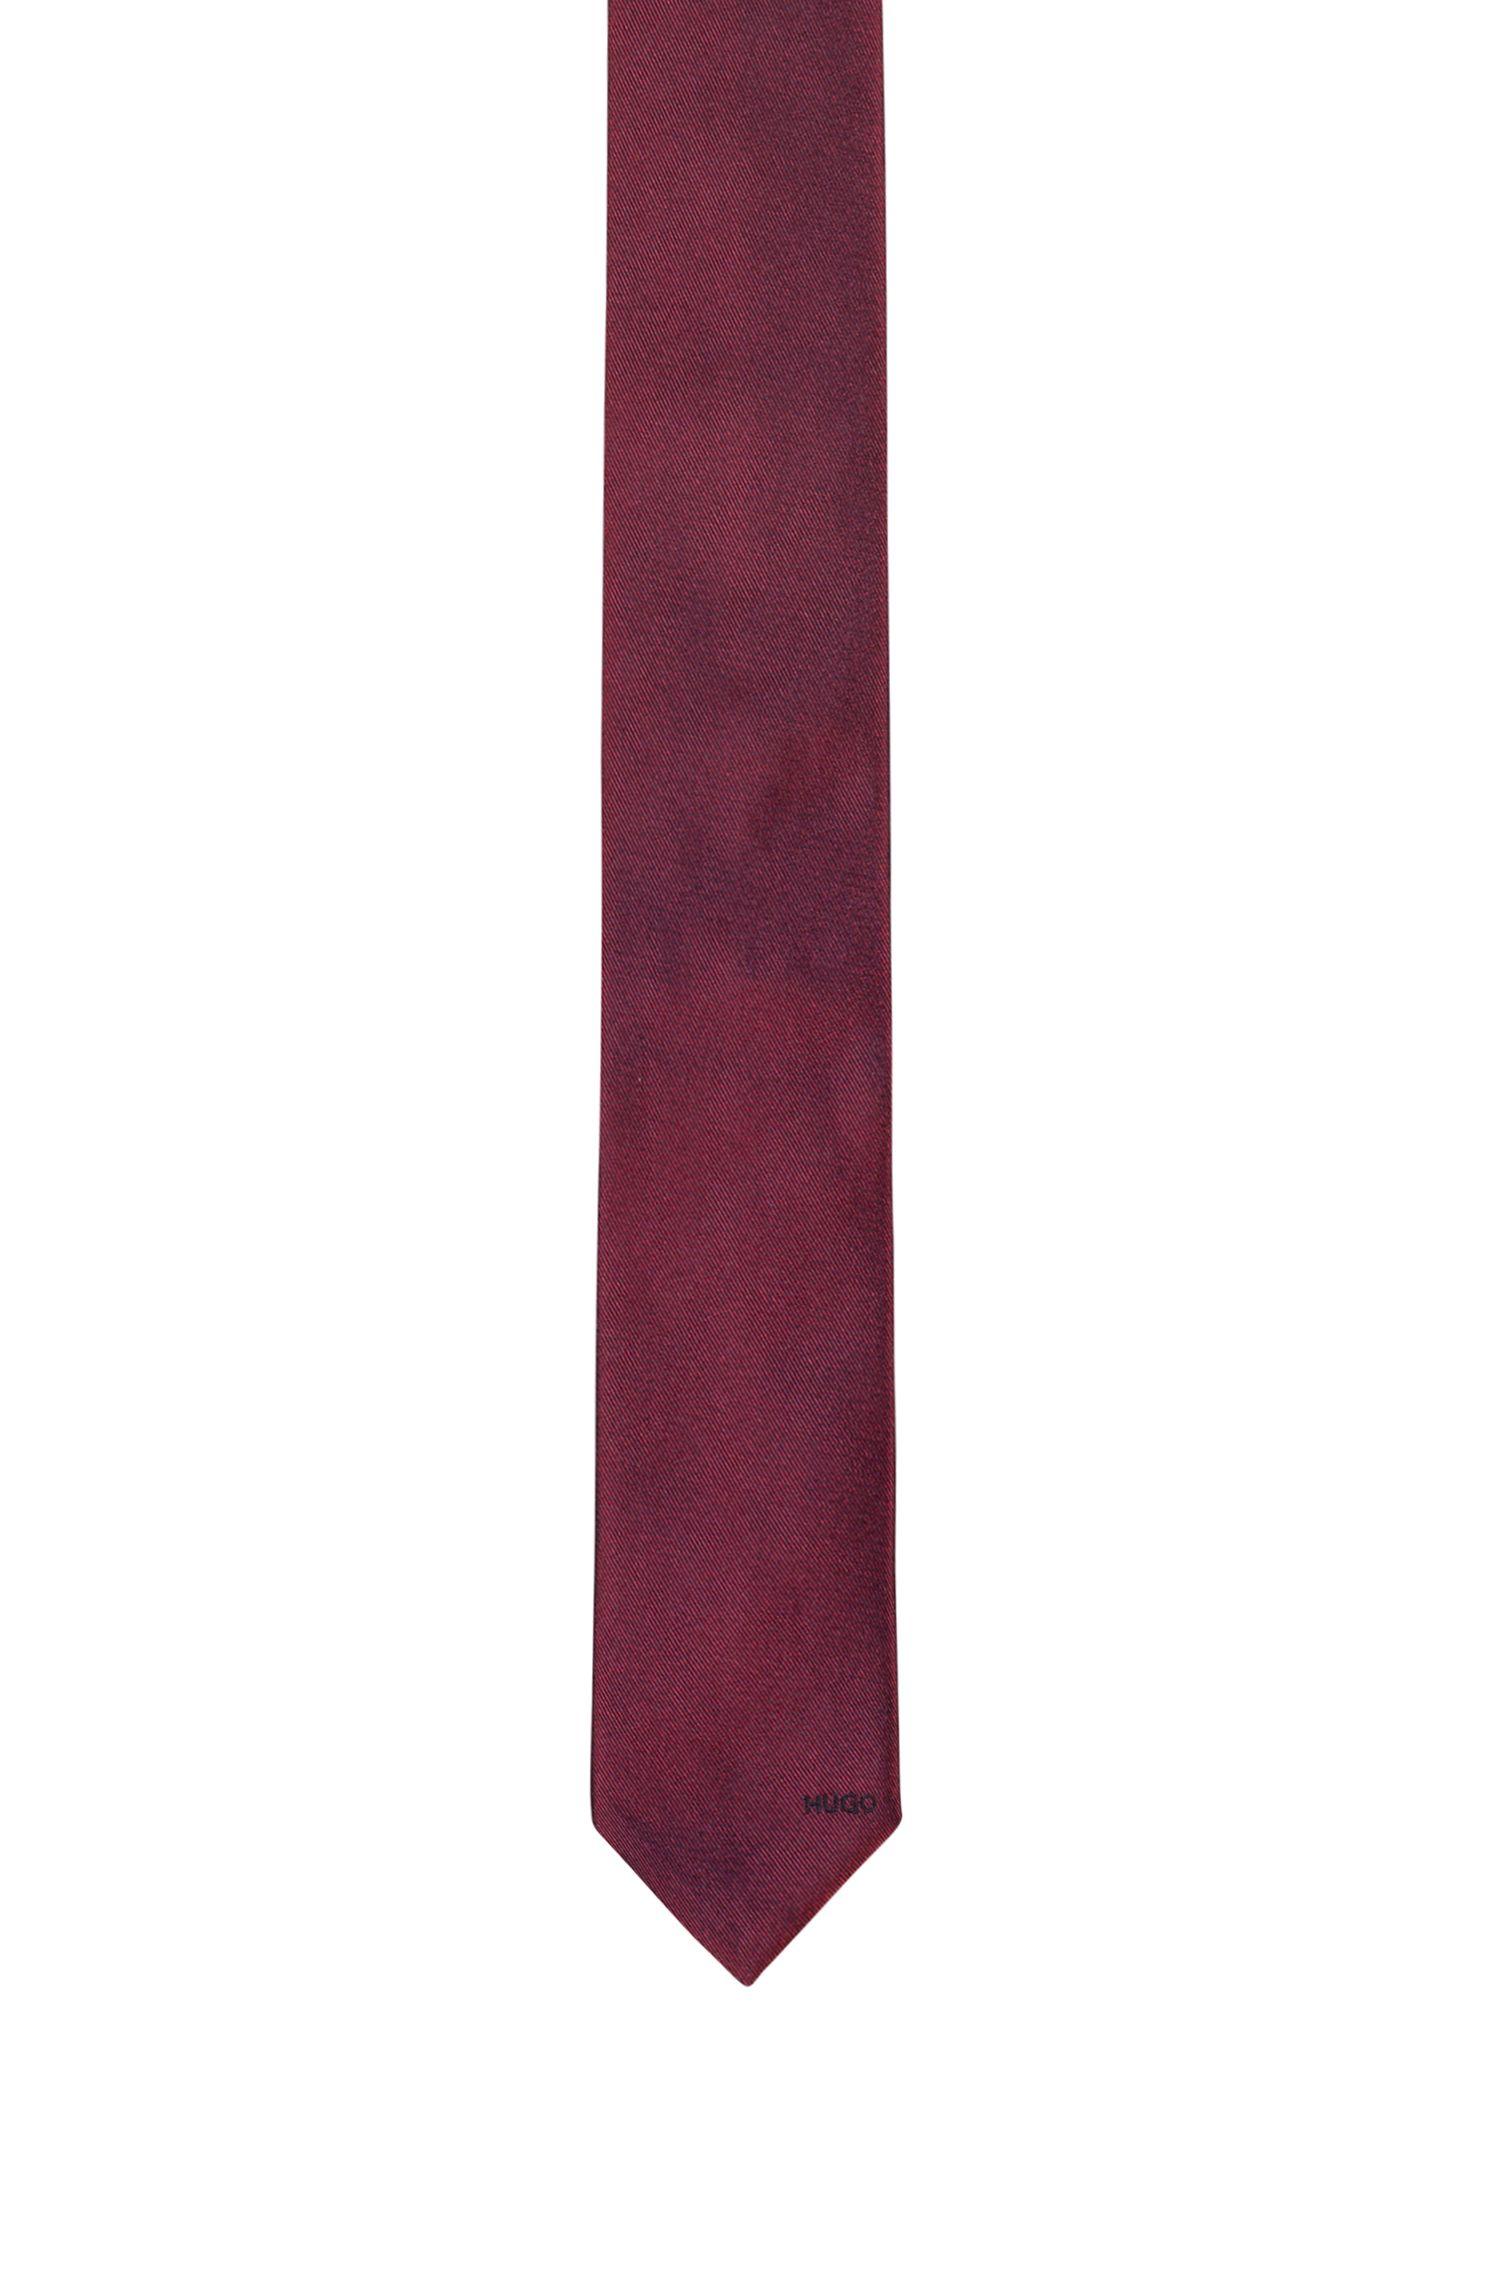 Minimalistische Krawatte aus reinem Seiden-Jacquard